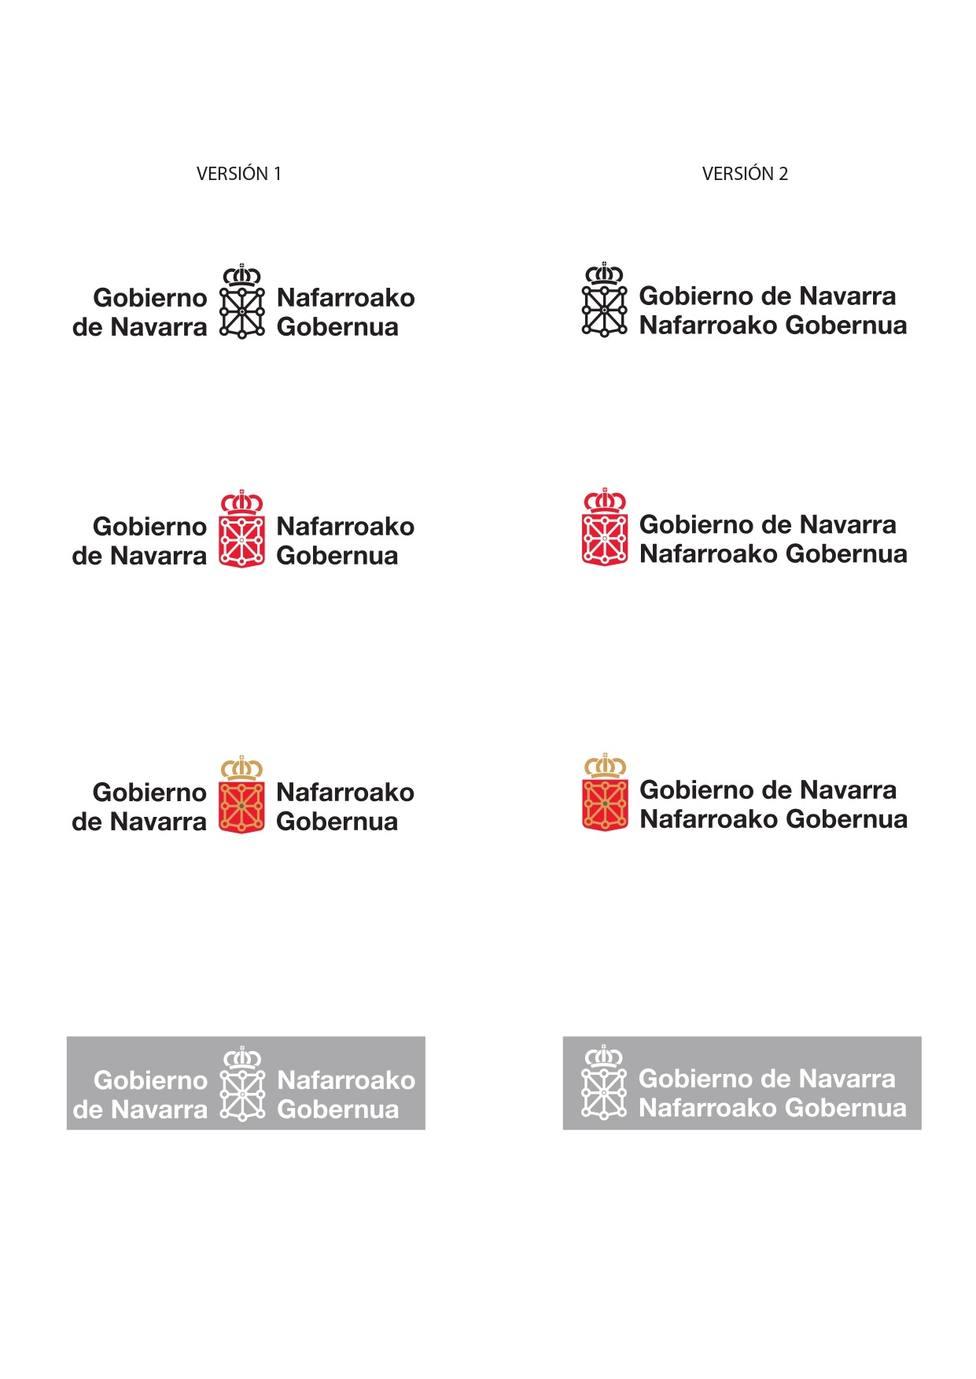 El Gobierno de Navarra modifica su símbolo oficial para que el castellano aparezca antes que el euskera